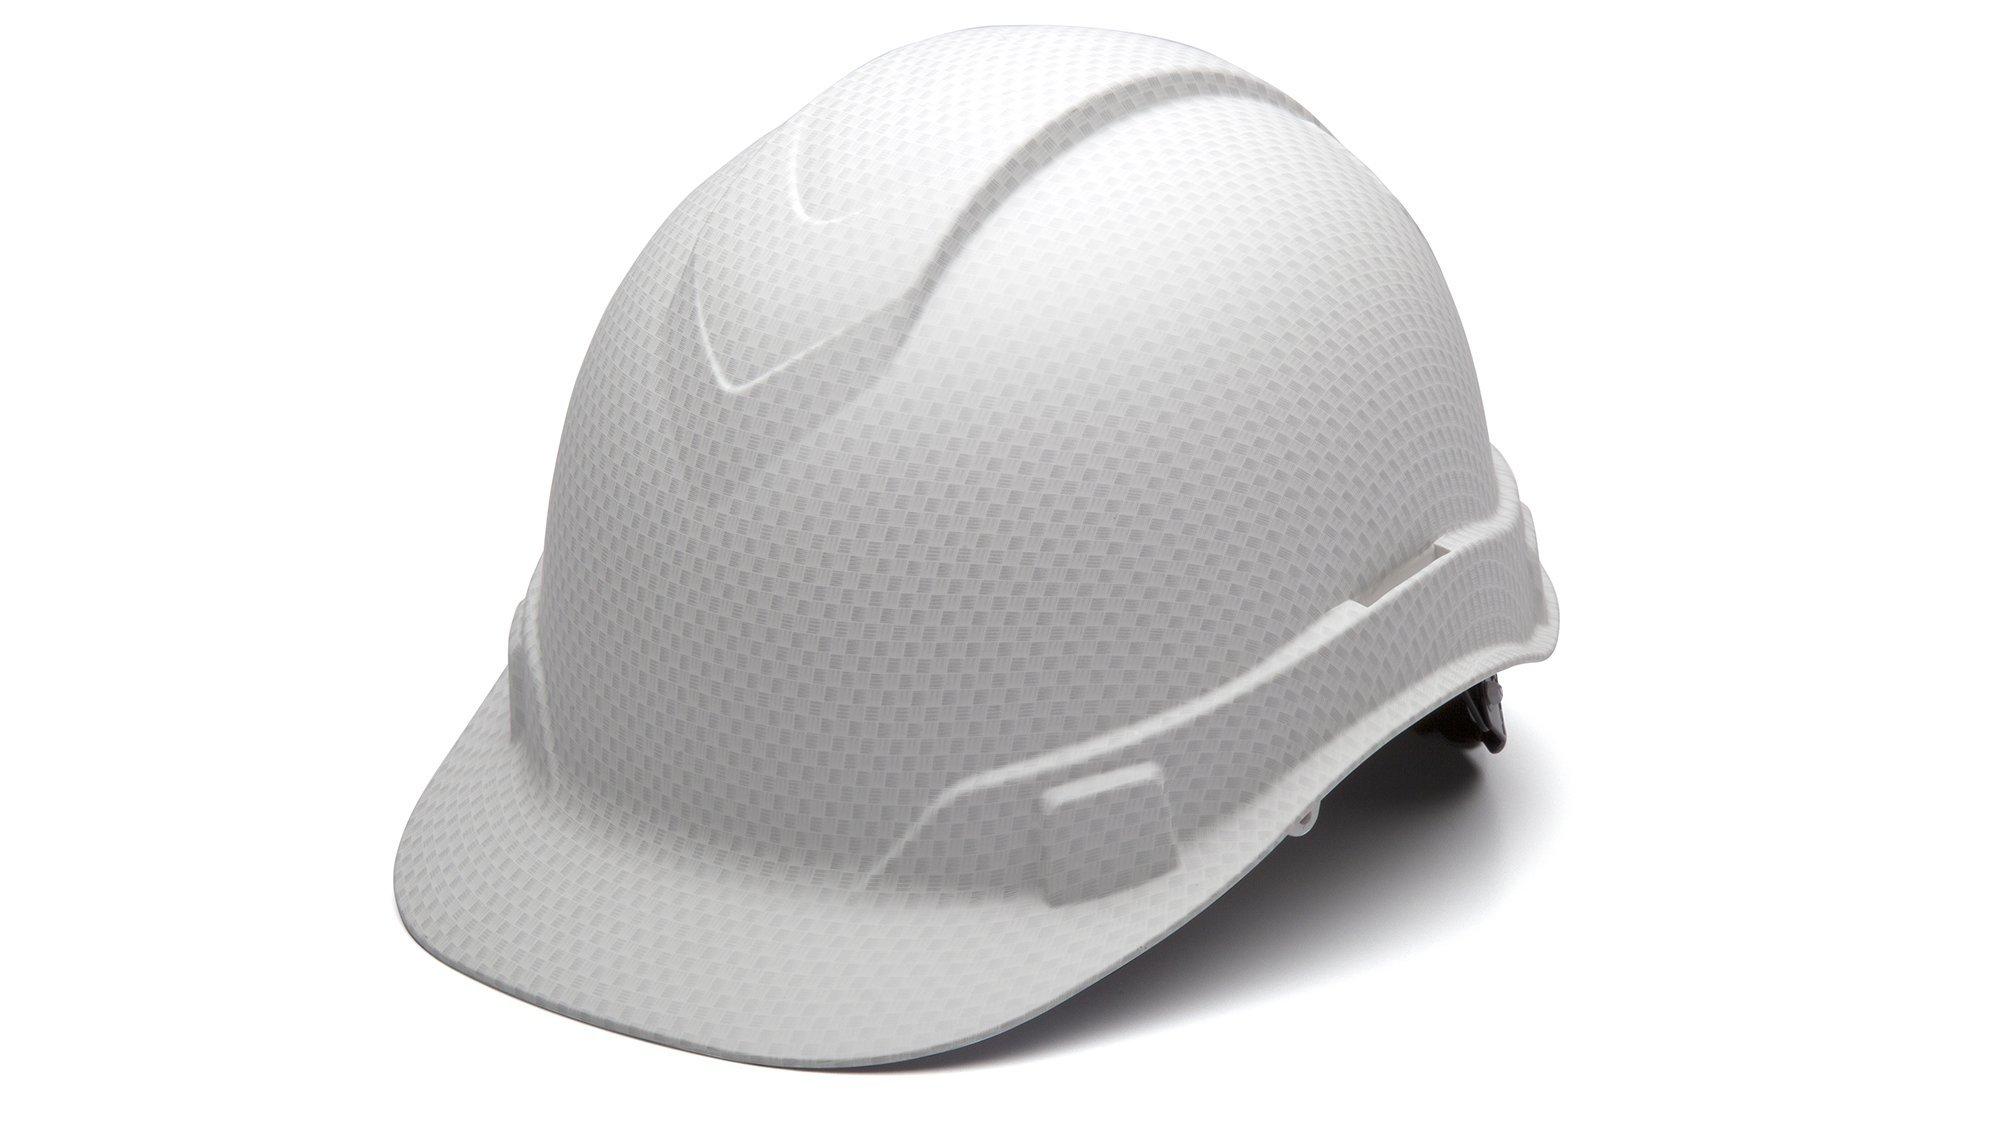 Pyramex HP44116 Ridgeline Matte White Graphite Cap Style Hard Hat by Pyramex Safety